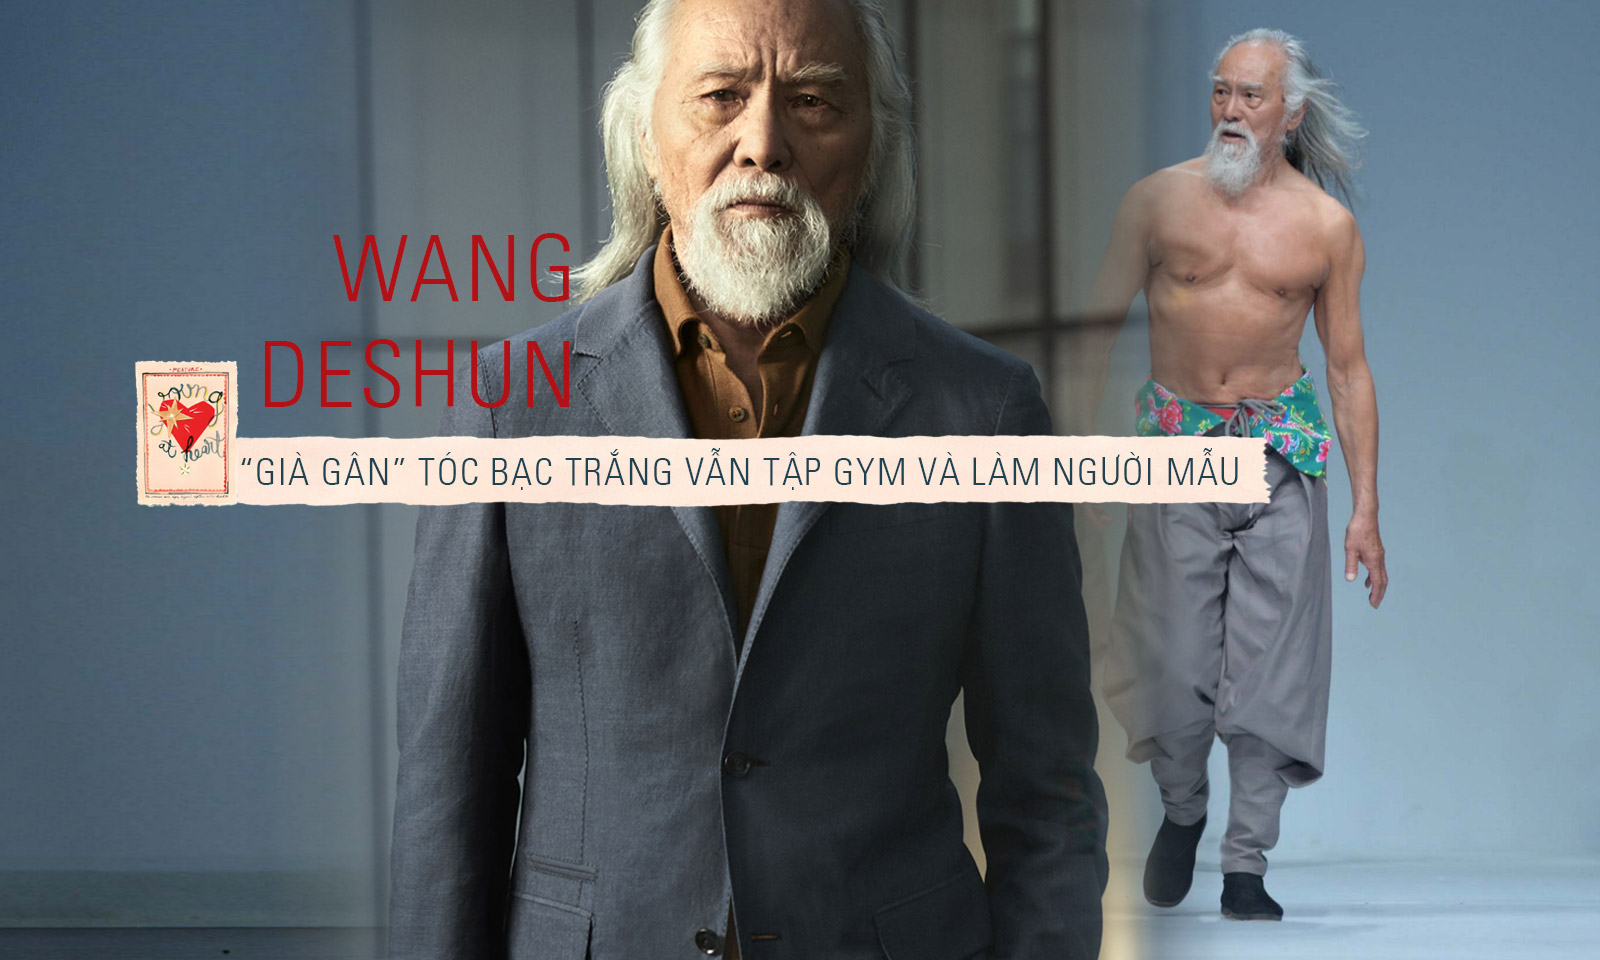 Lão ông Wang Deshun: 80 tuổi vẫn tập gym, ăn vận sành điệu và làm người mẫu